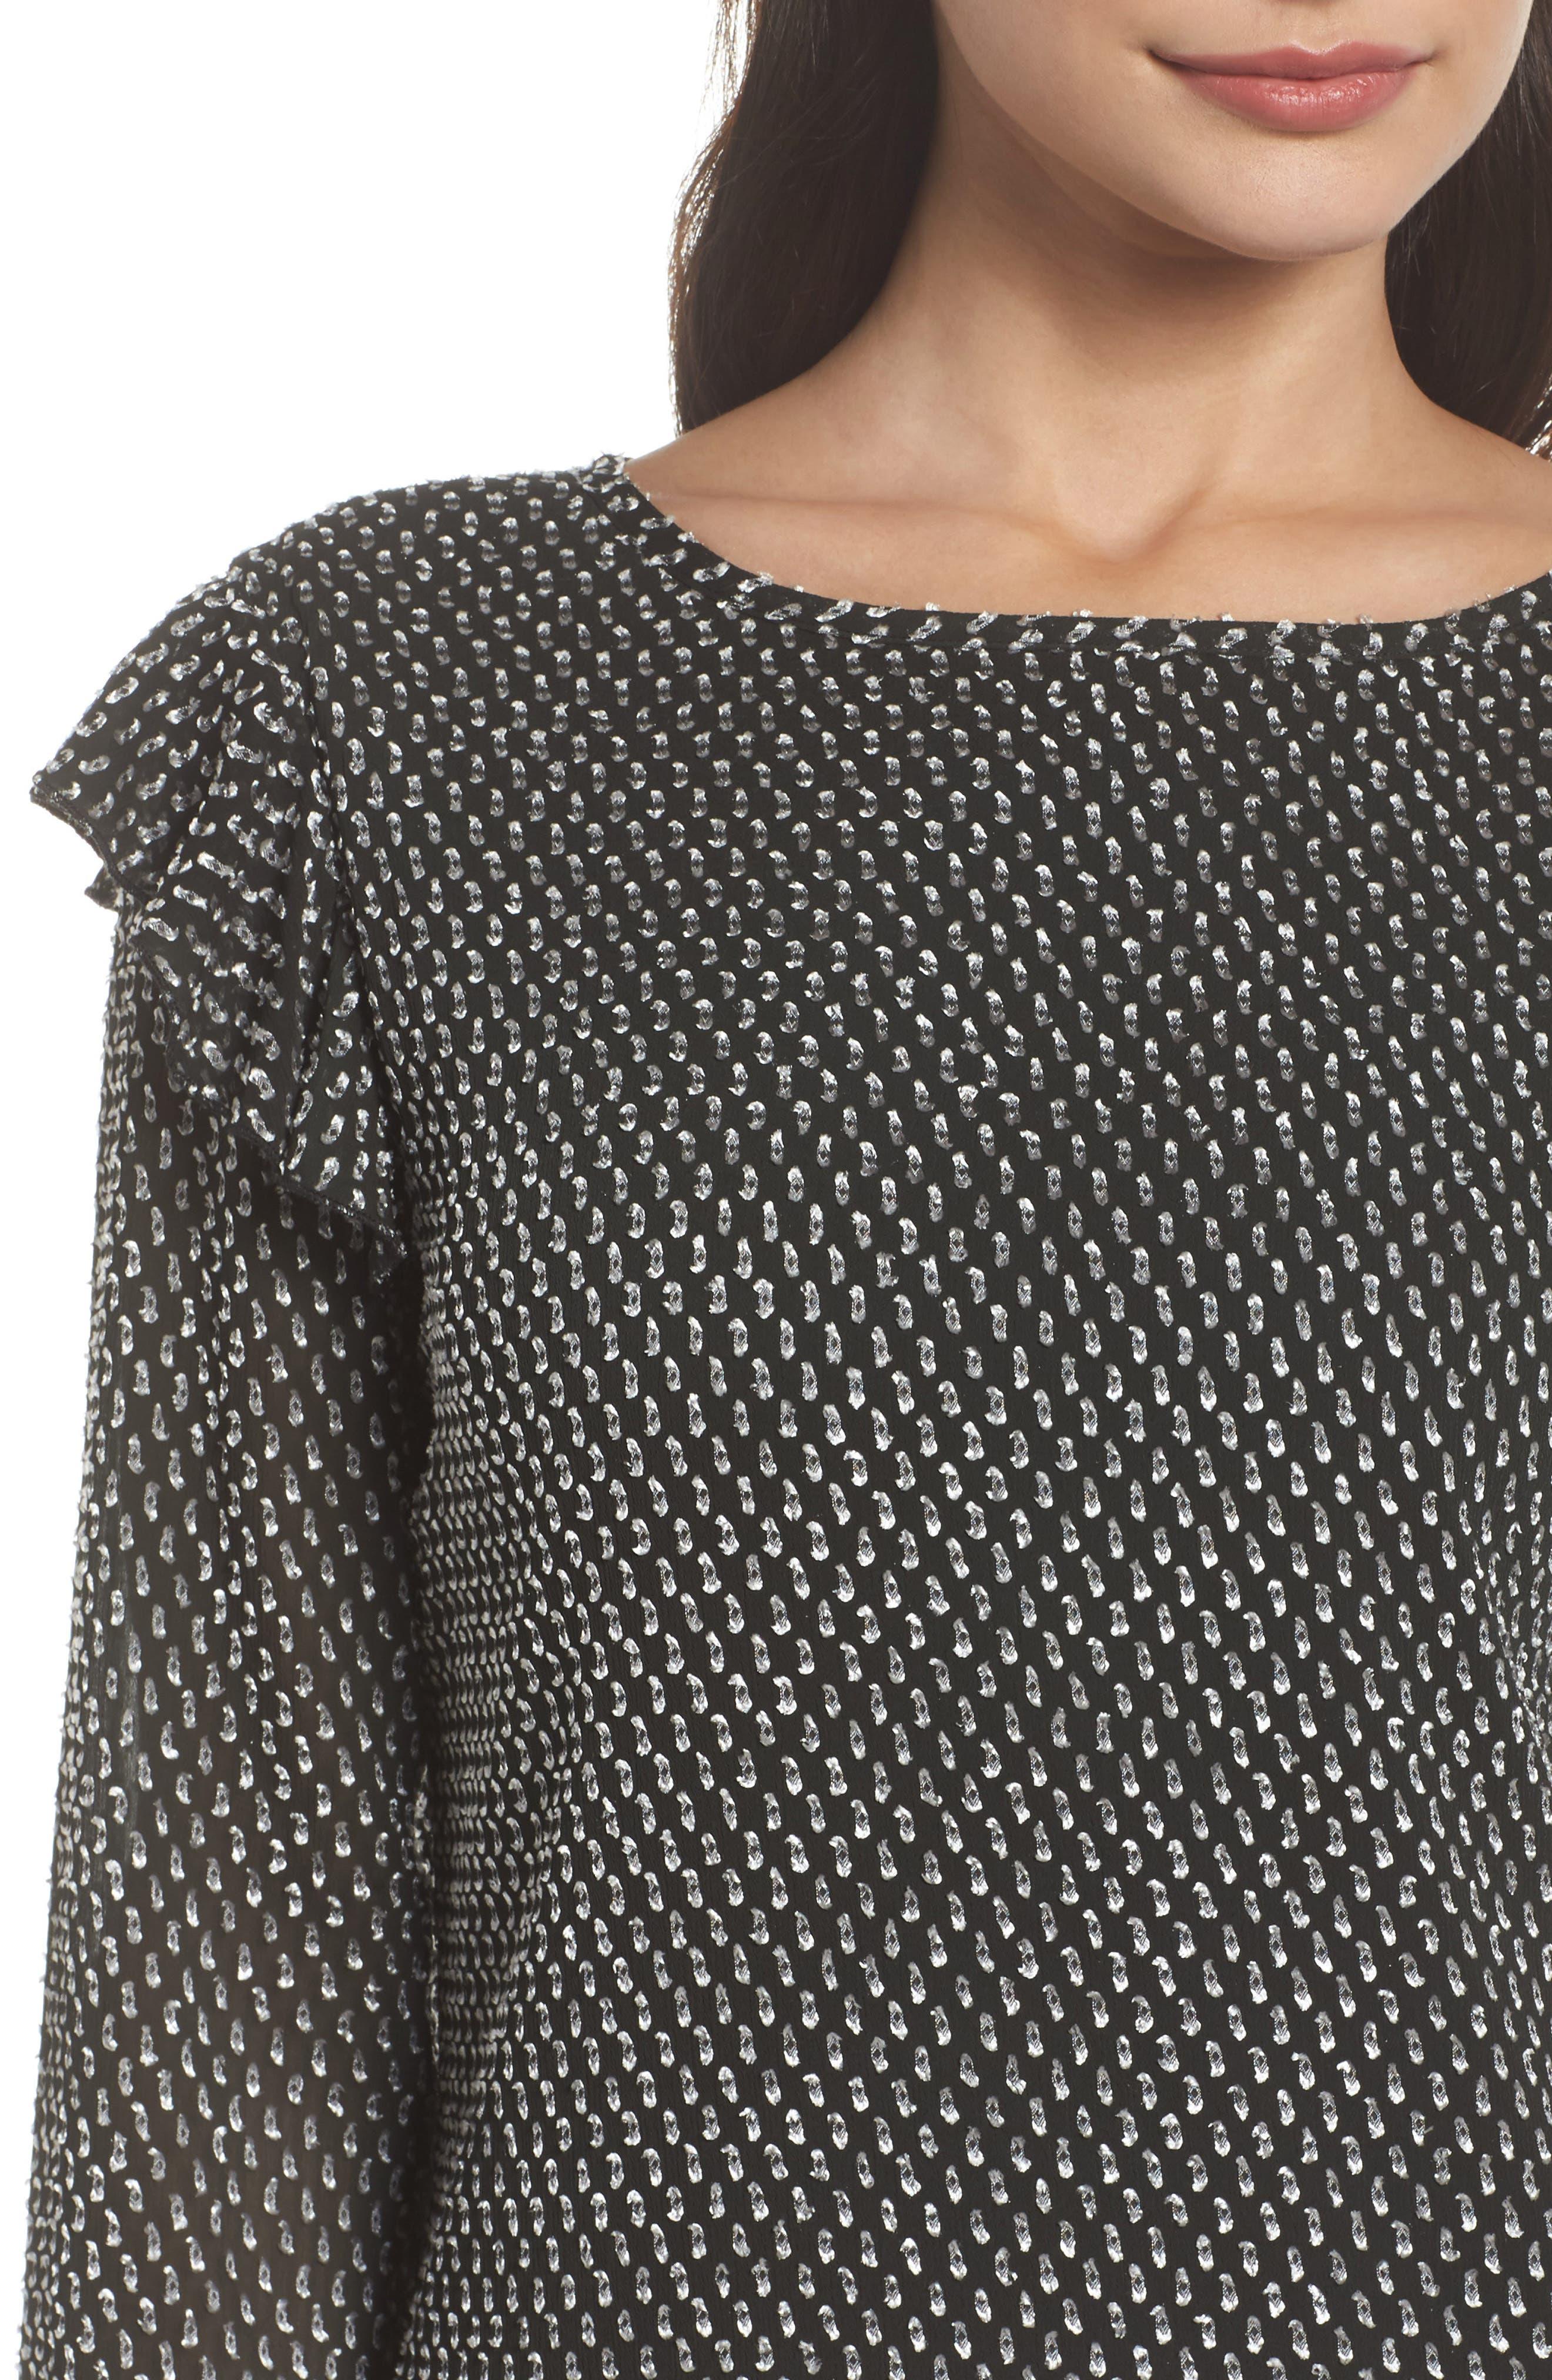 Resys at Felix Shift Dress,                             Alternate thumbnail 5, color,                             Black/ White Dot